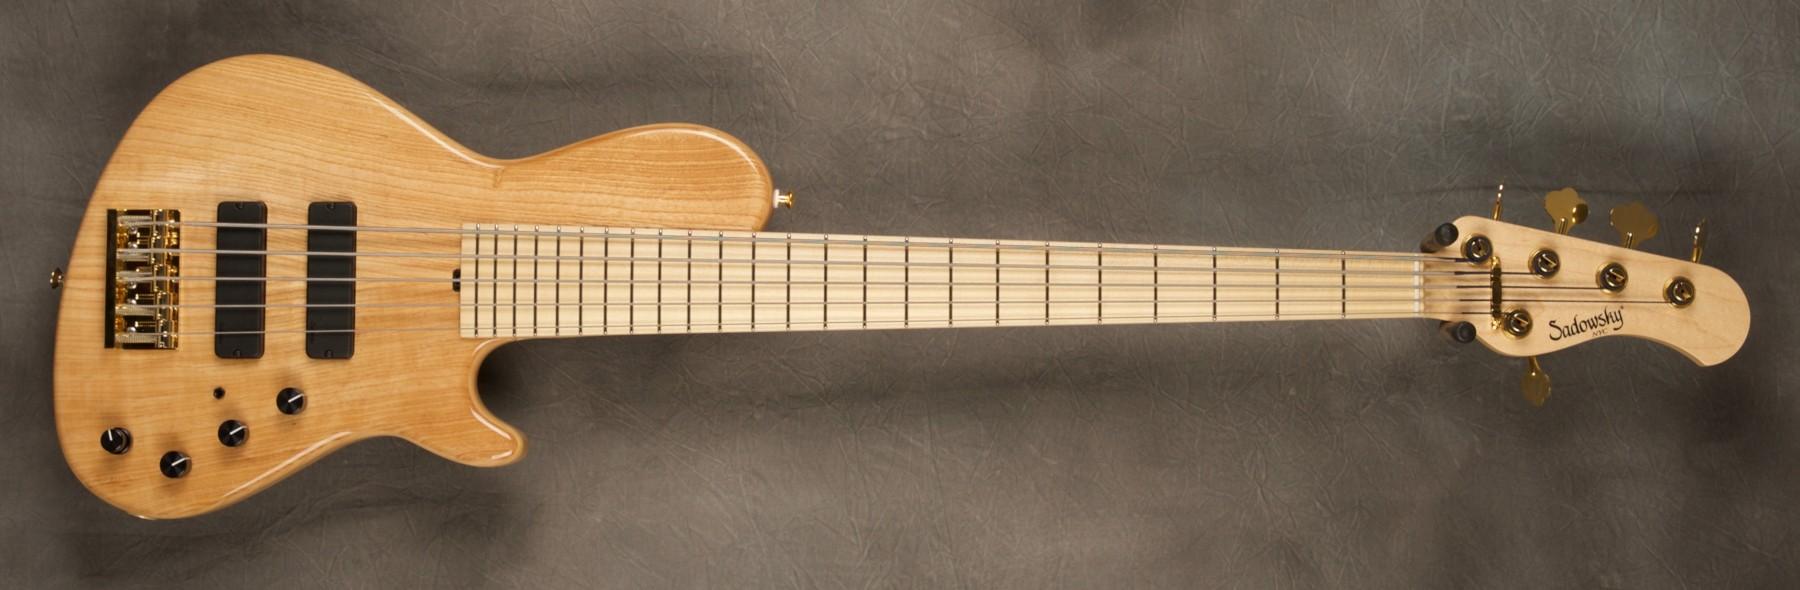 Single Cut - Sadowsky Guitars